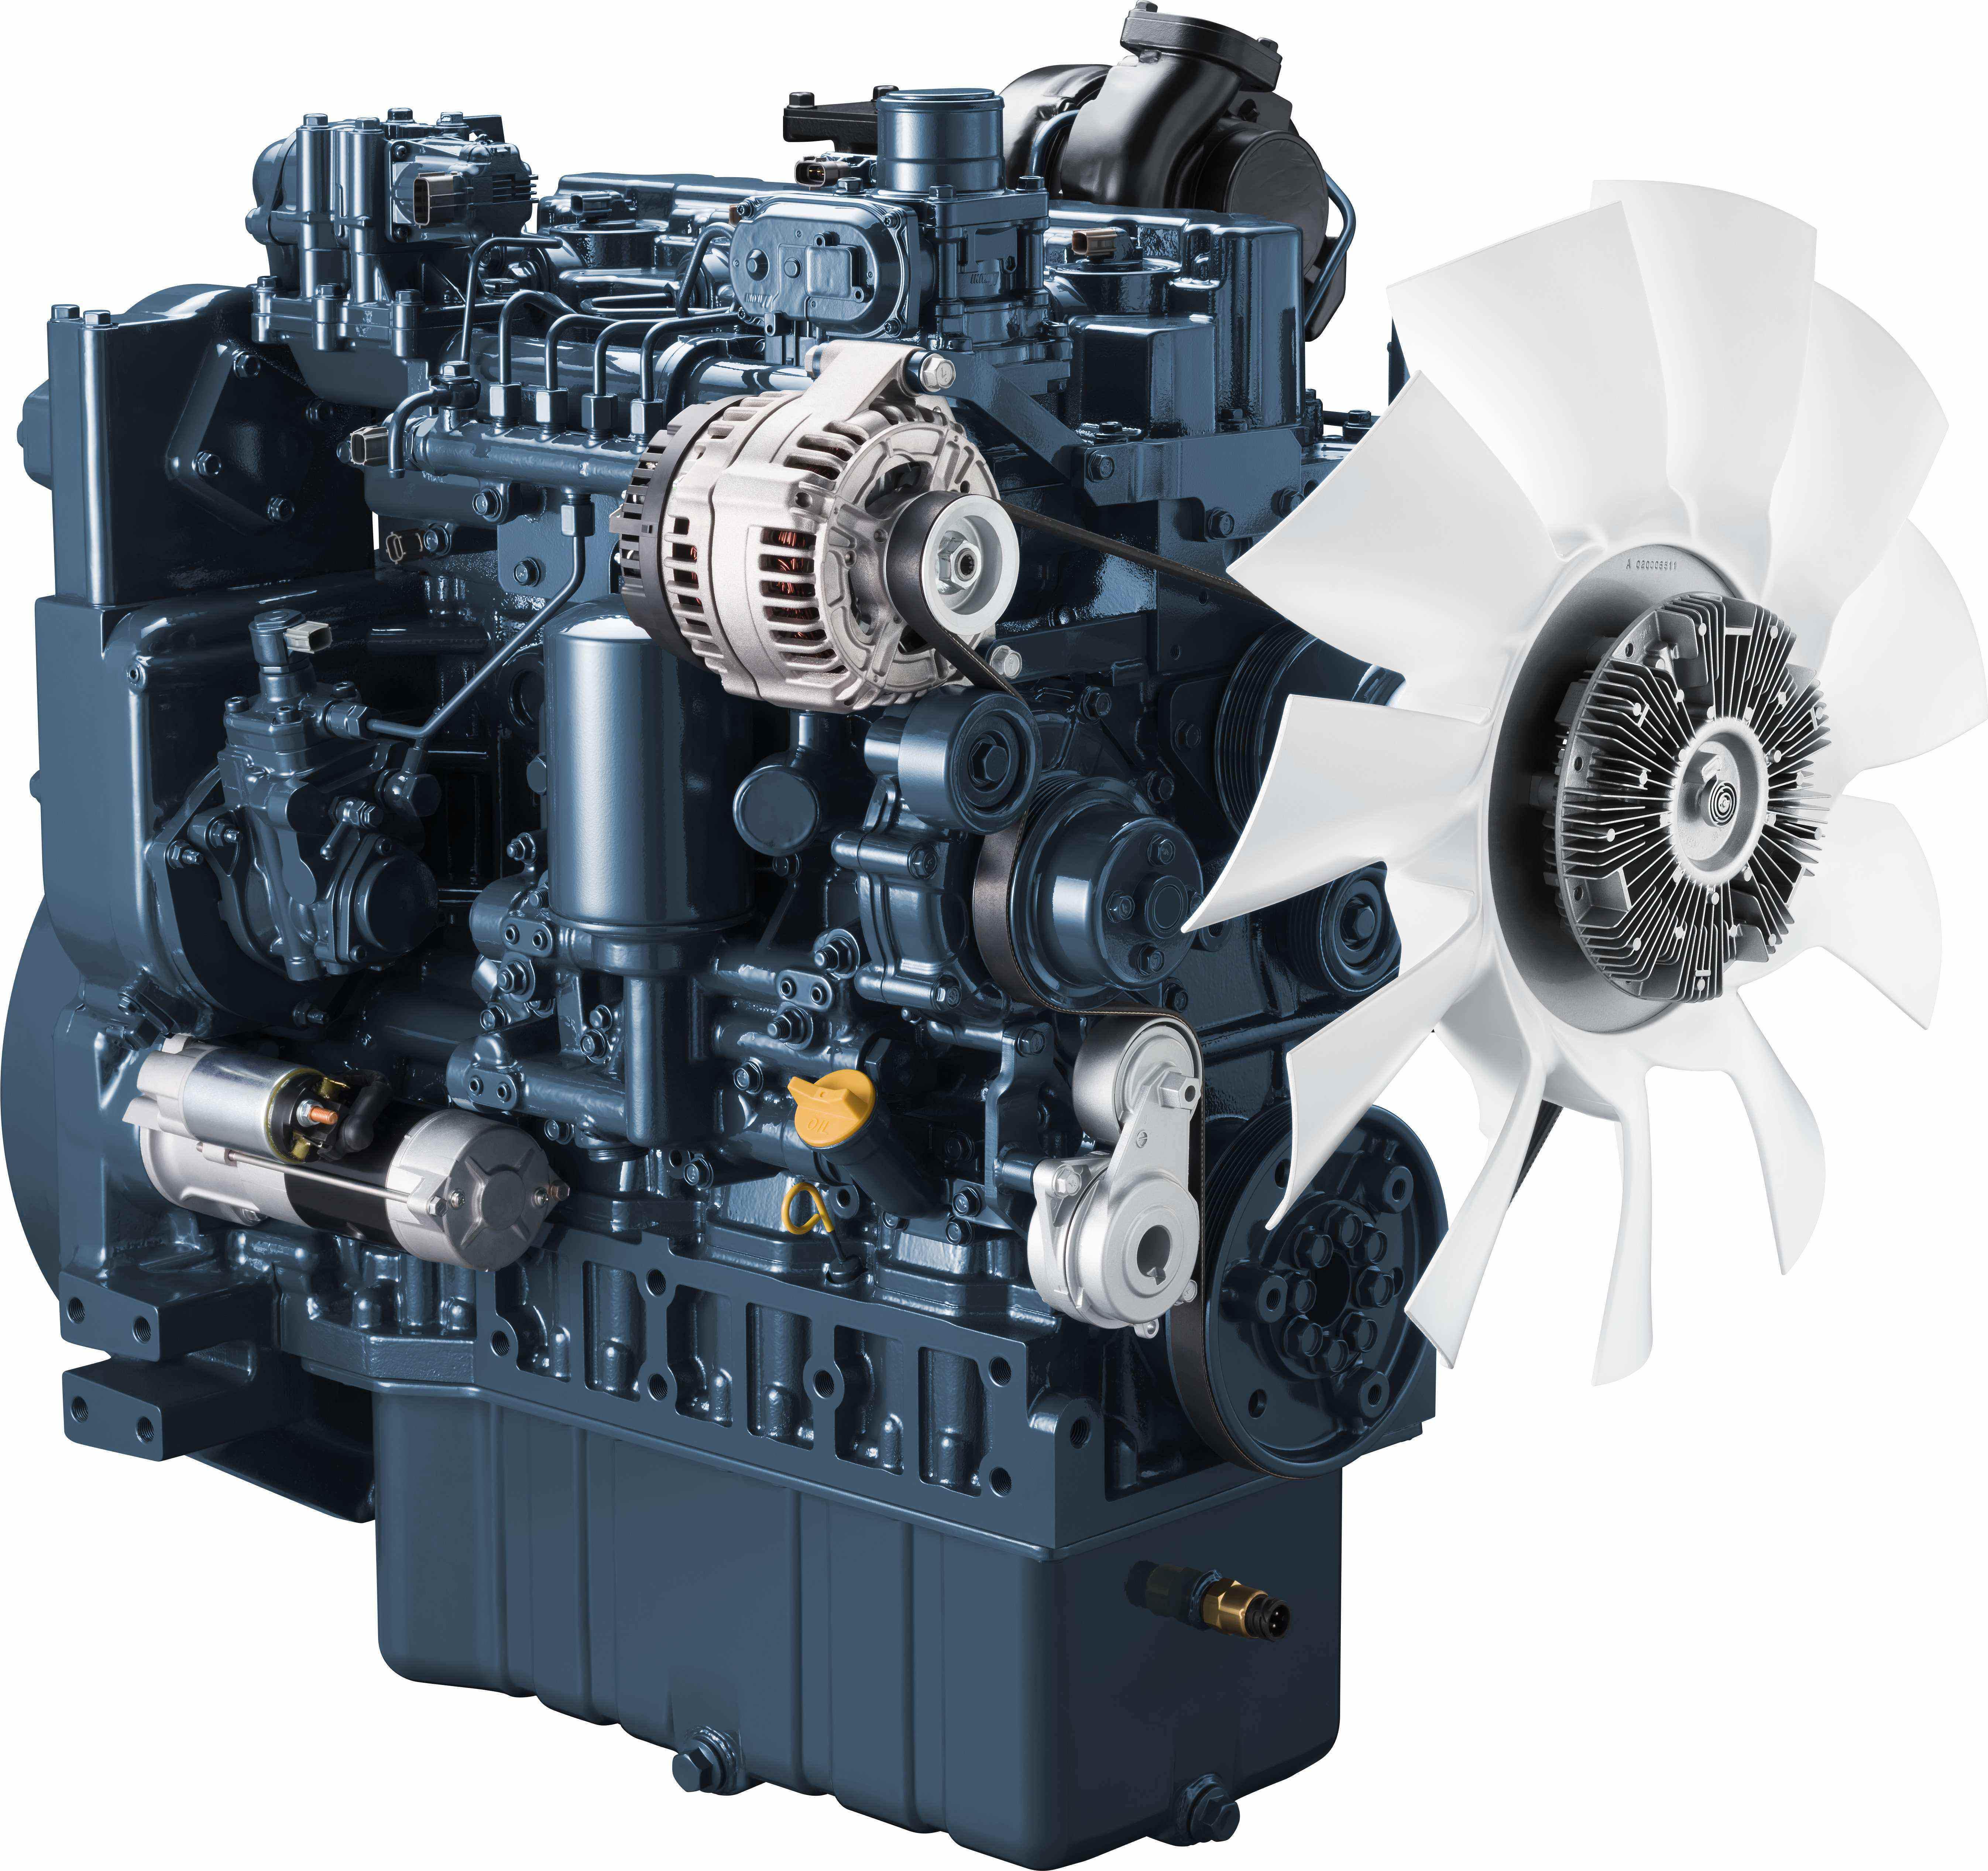 Kubota debuts 211-hp V5009, its largest engine yet